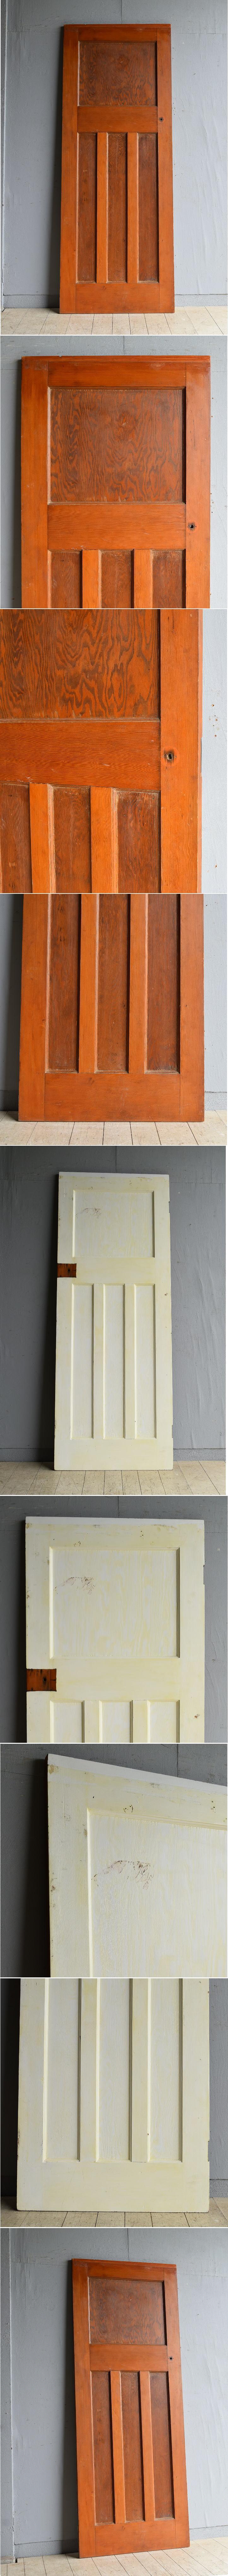 イギリス アンティーク ドア 扉 建具 8131